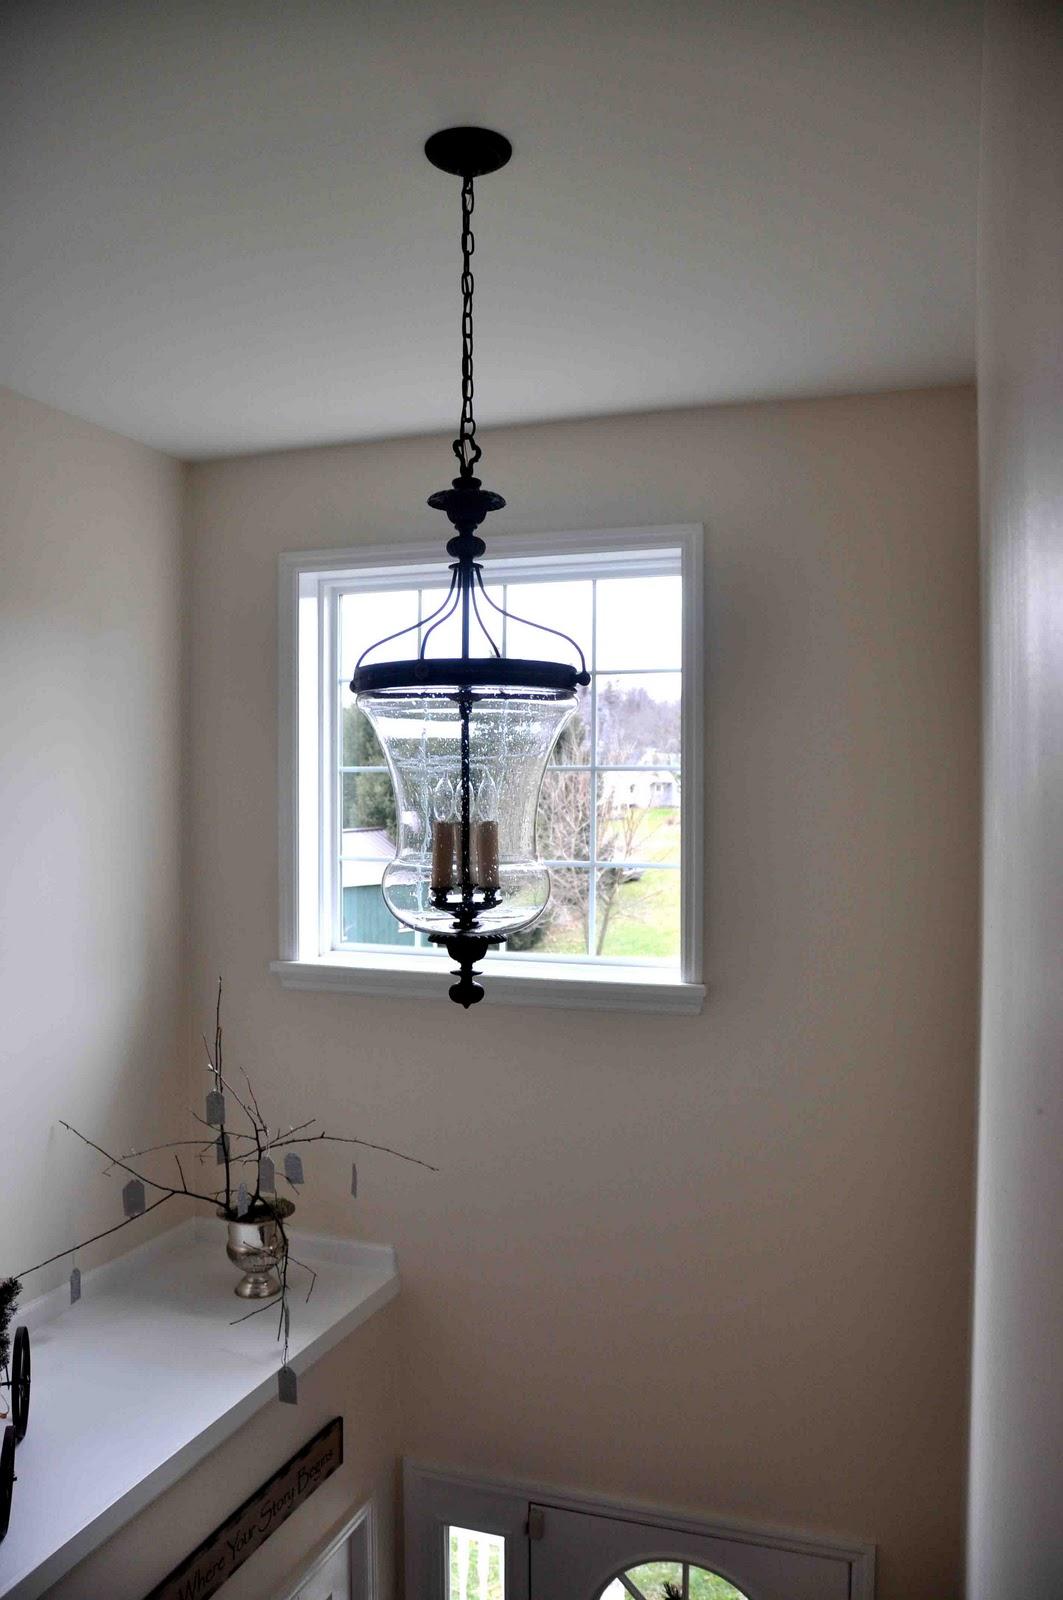 New Foyer Lighting : Something simple me new foyer light